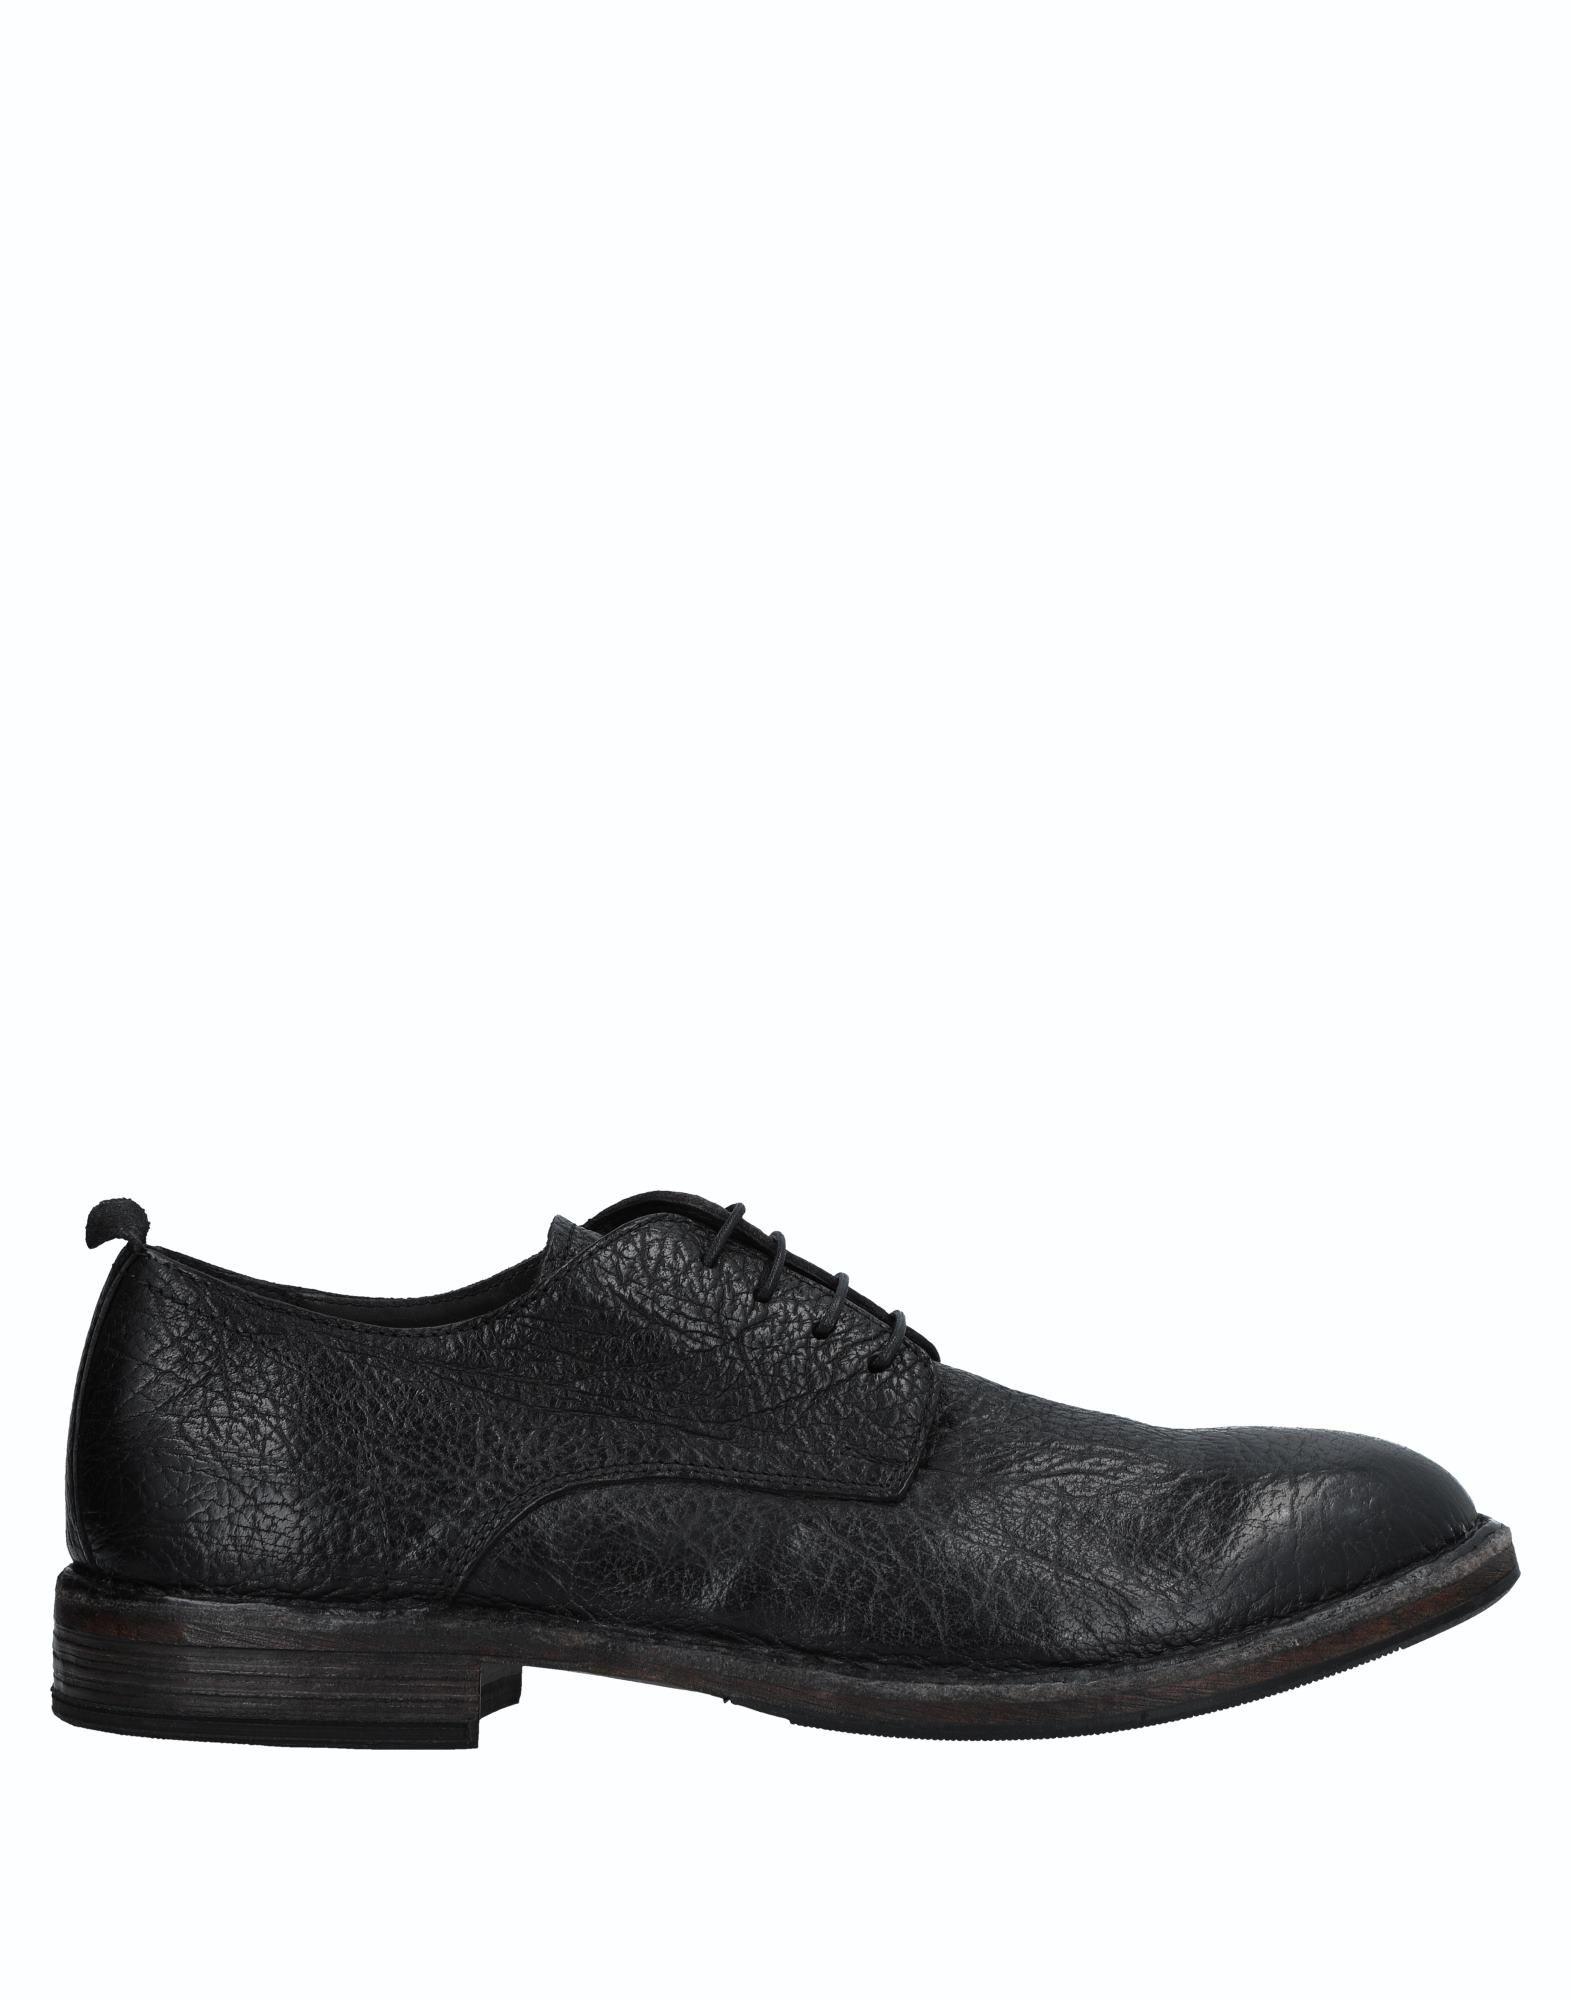 Moma Schnürschuhe Herren  11518660FM Gute Qualität beliebte Schuhe